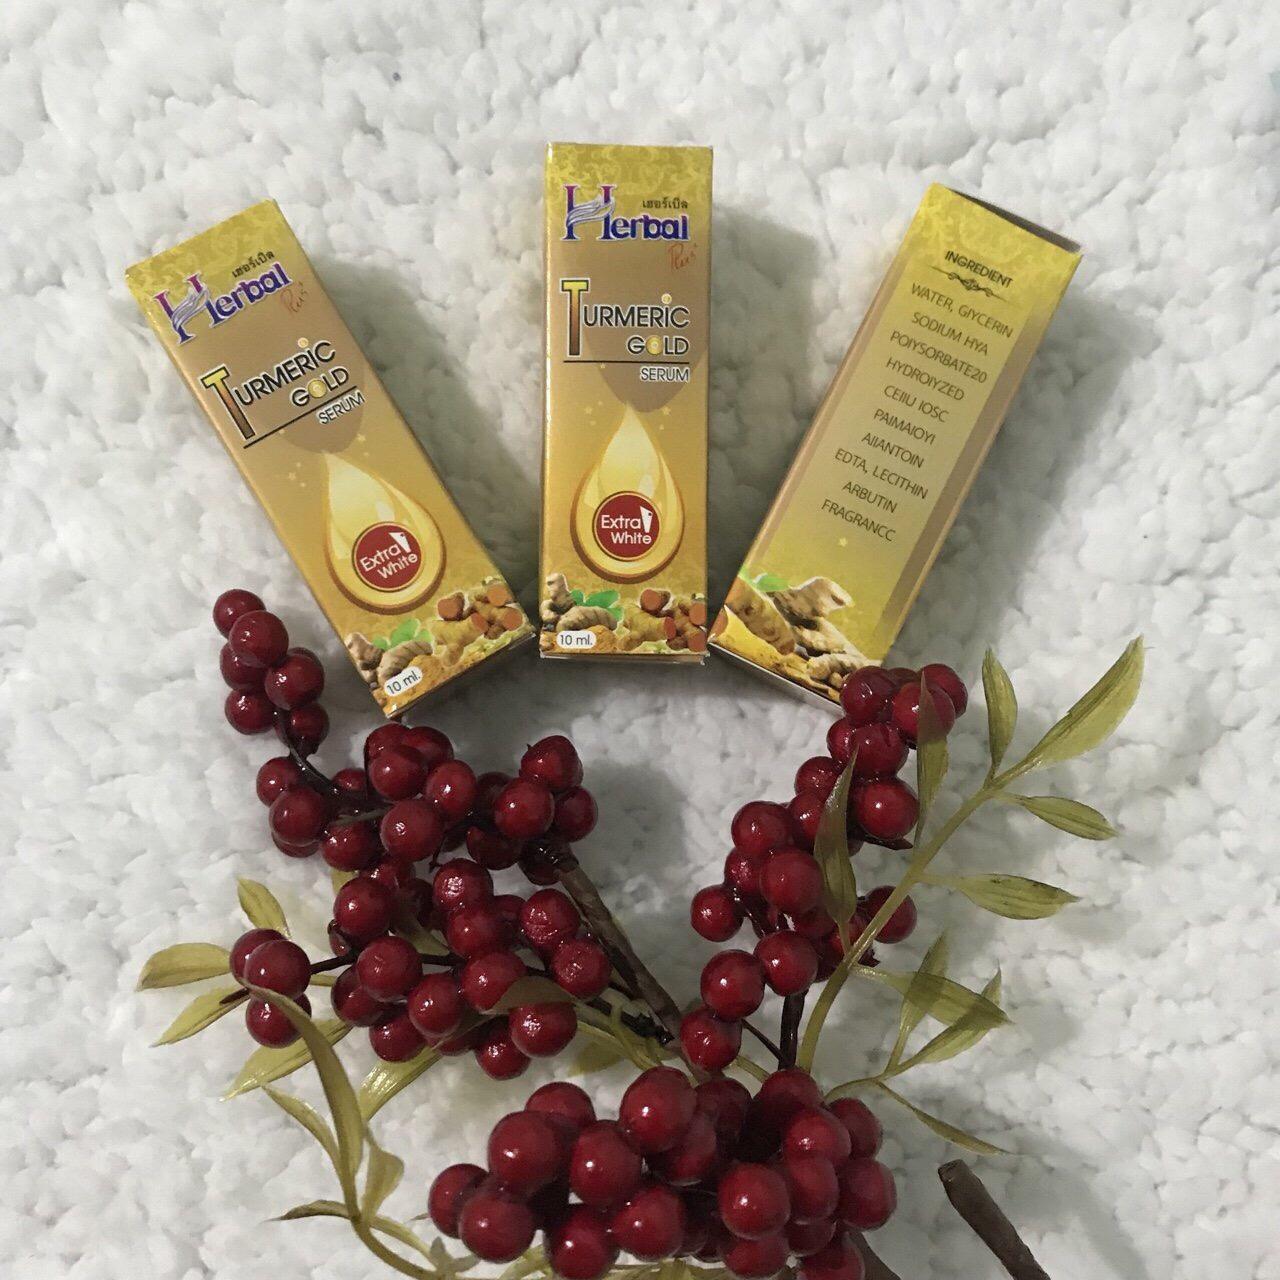 cham-soc-mat-serum-nghe-herbal-tri-mun-tham-thai-lan-22826